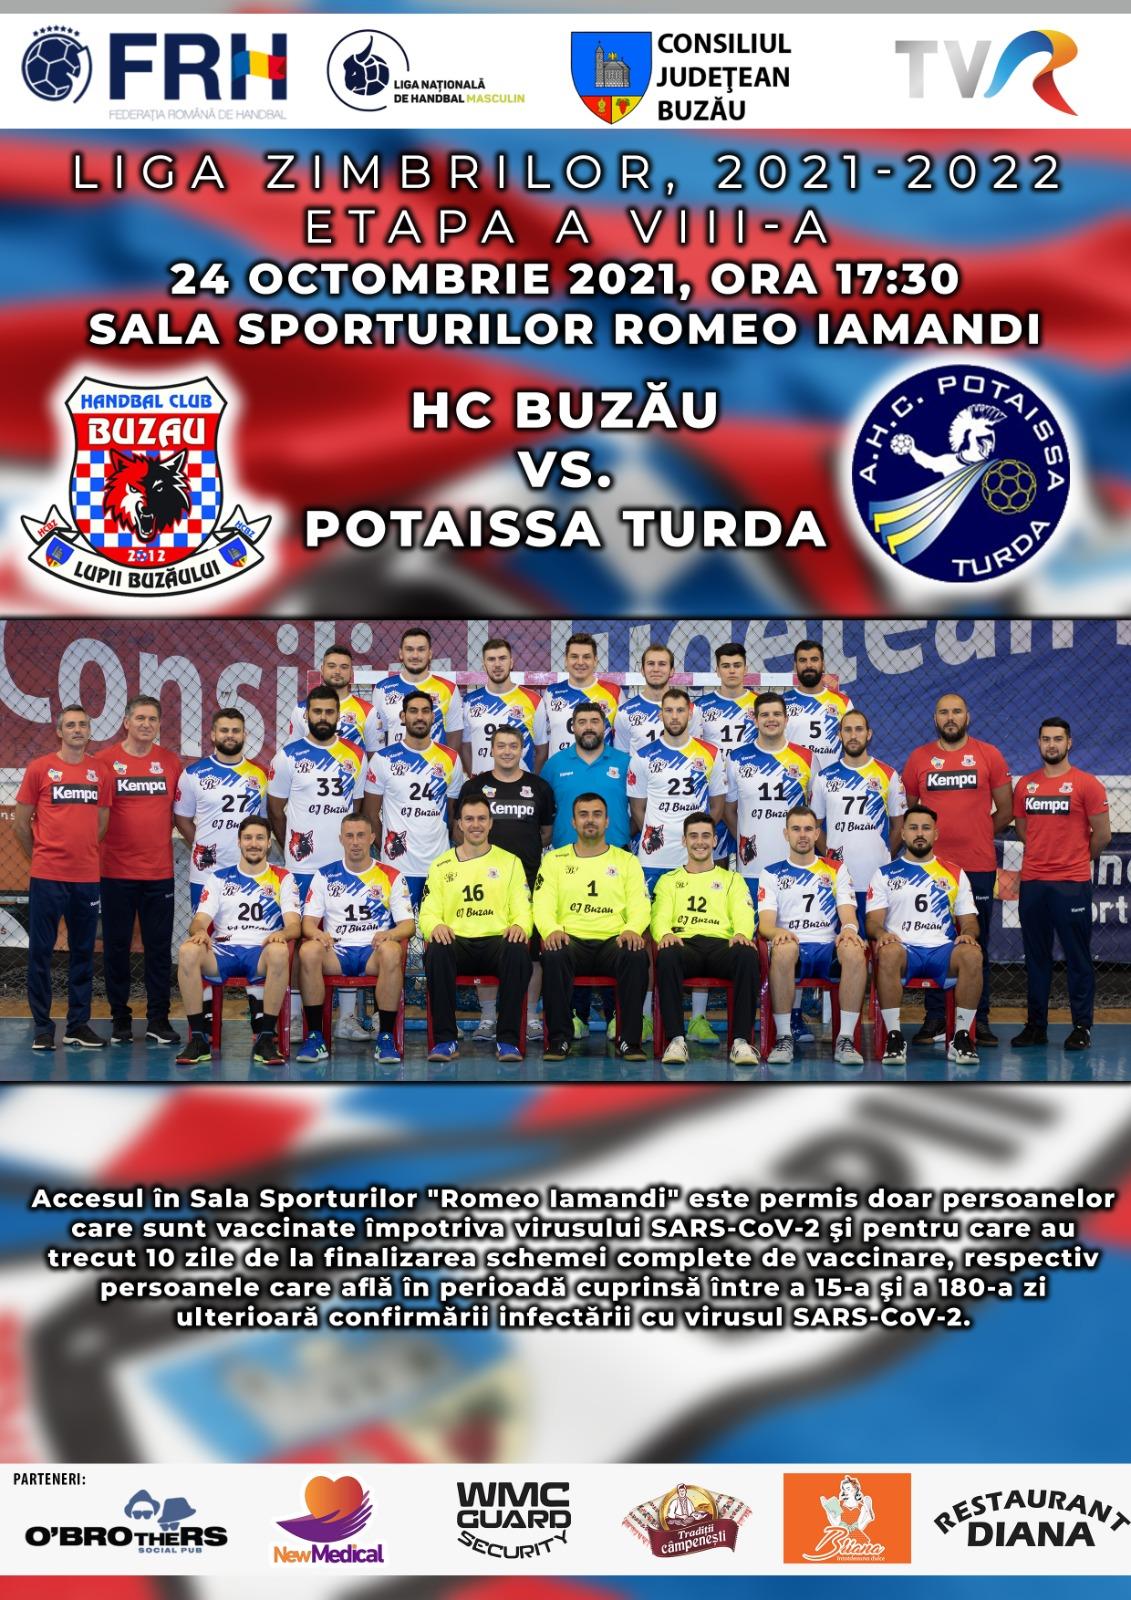 HC Buzău - Potaissa Turda